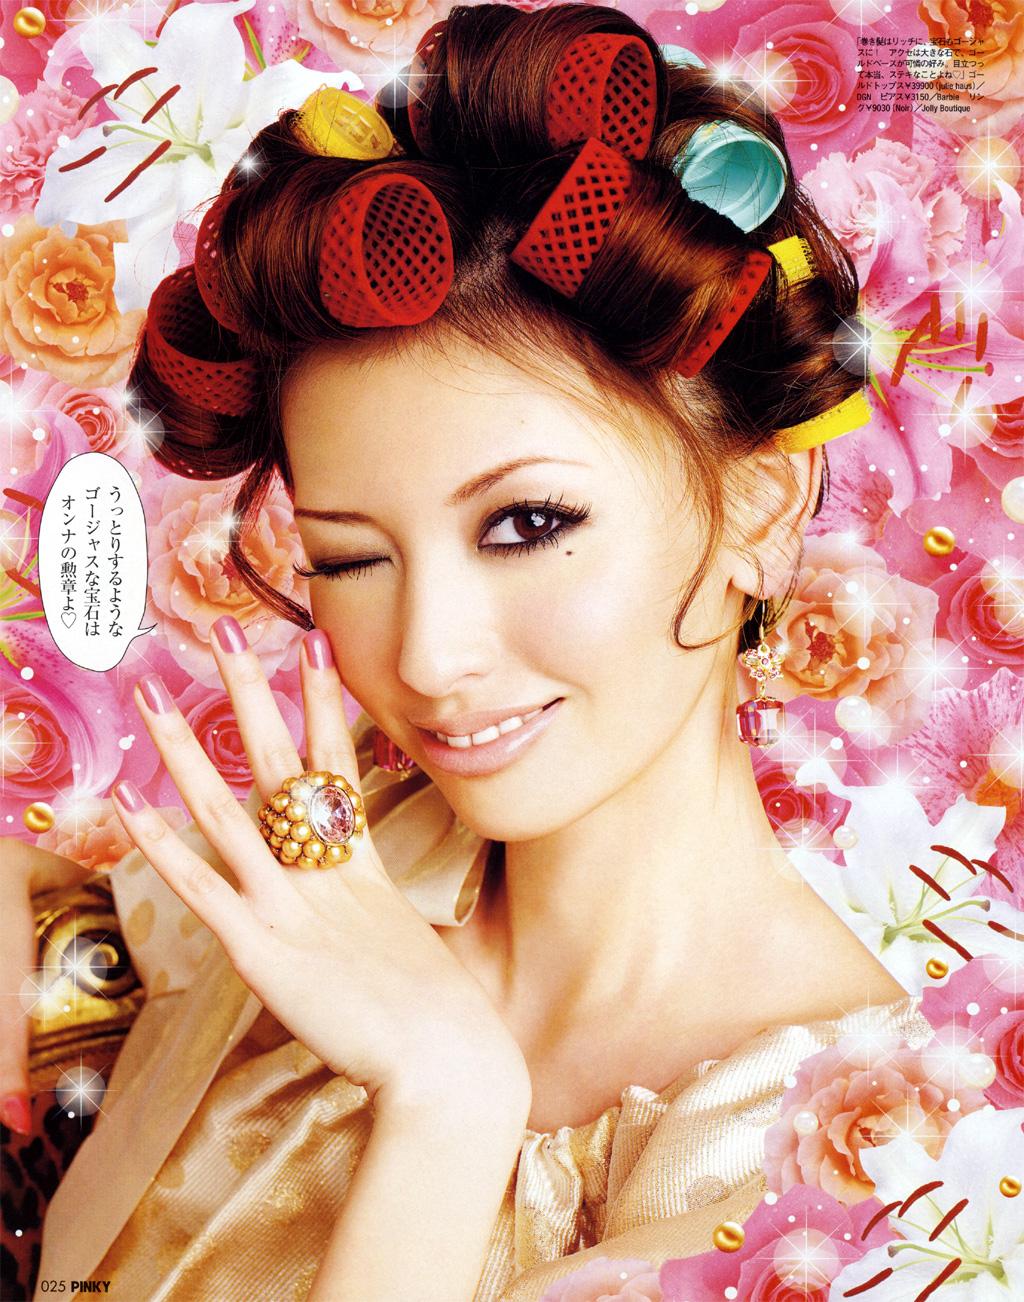 Emi Suzuki, pinky, wink [PH201025054507]